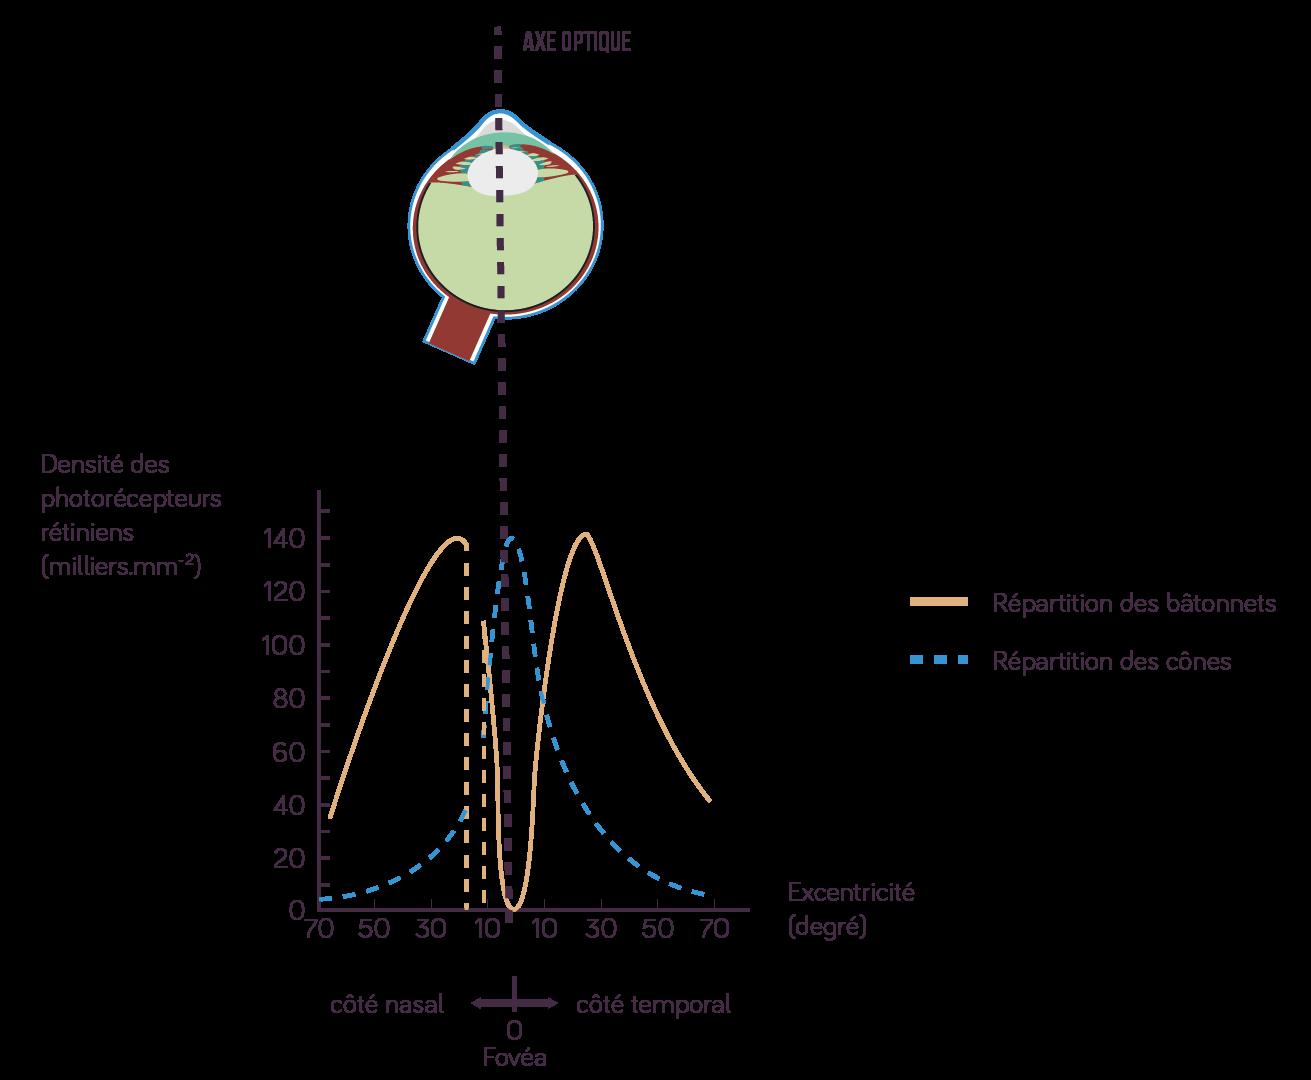 Densité de photorécepteurs rétiniens en fonction de l'excentricité